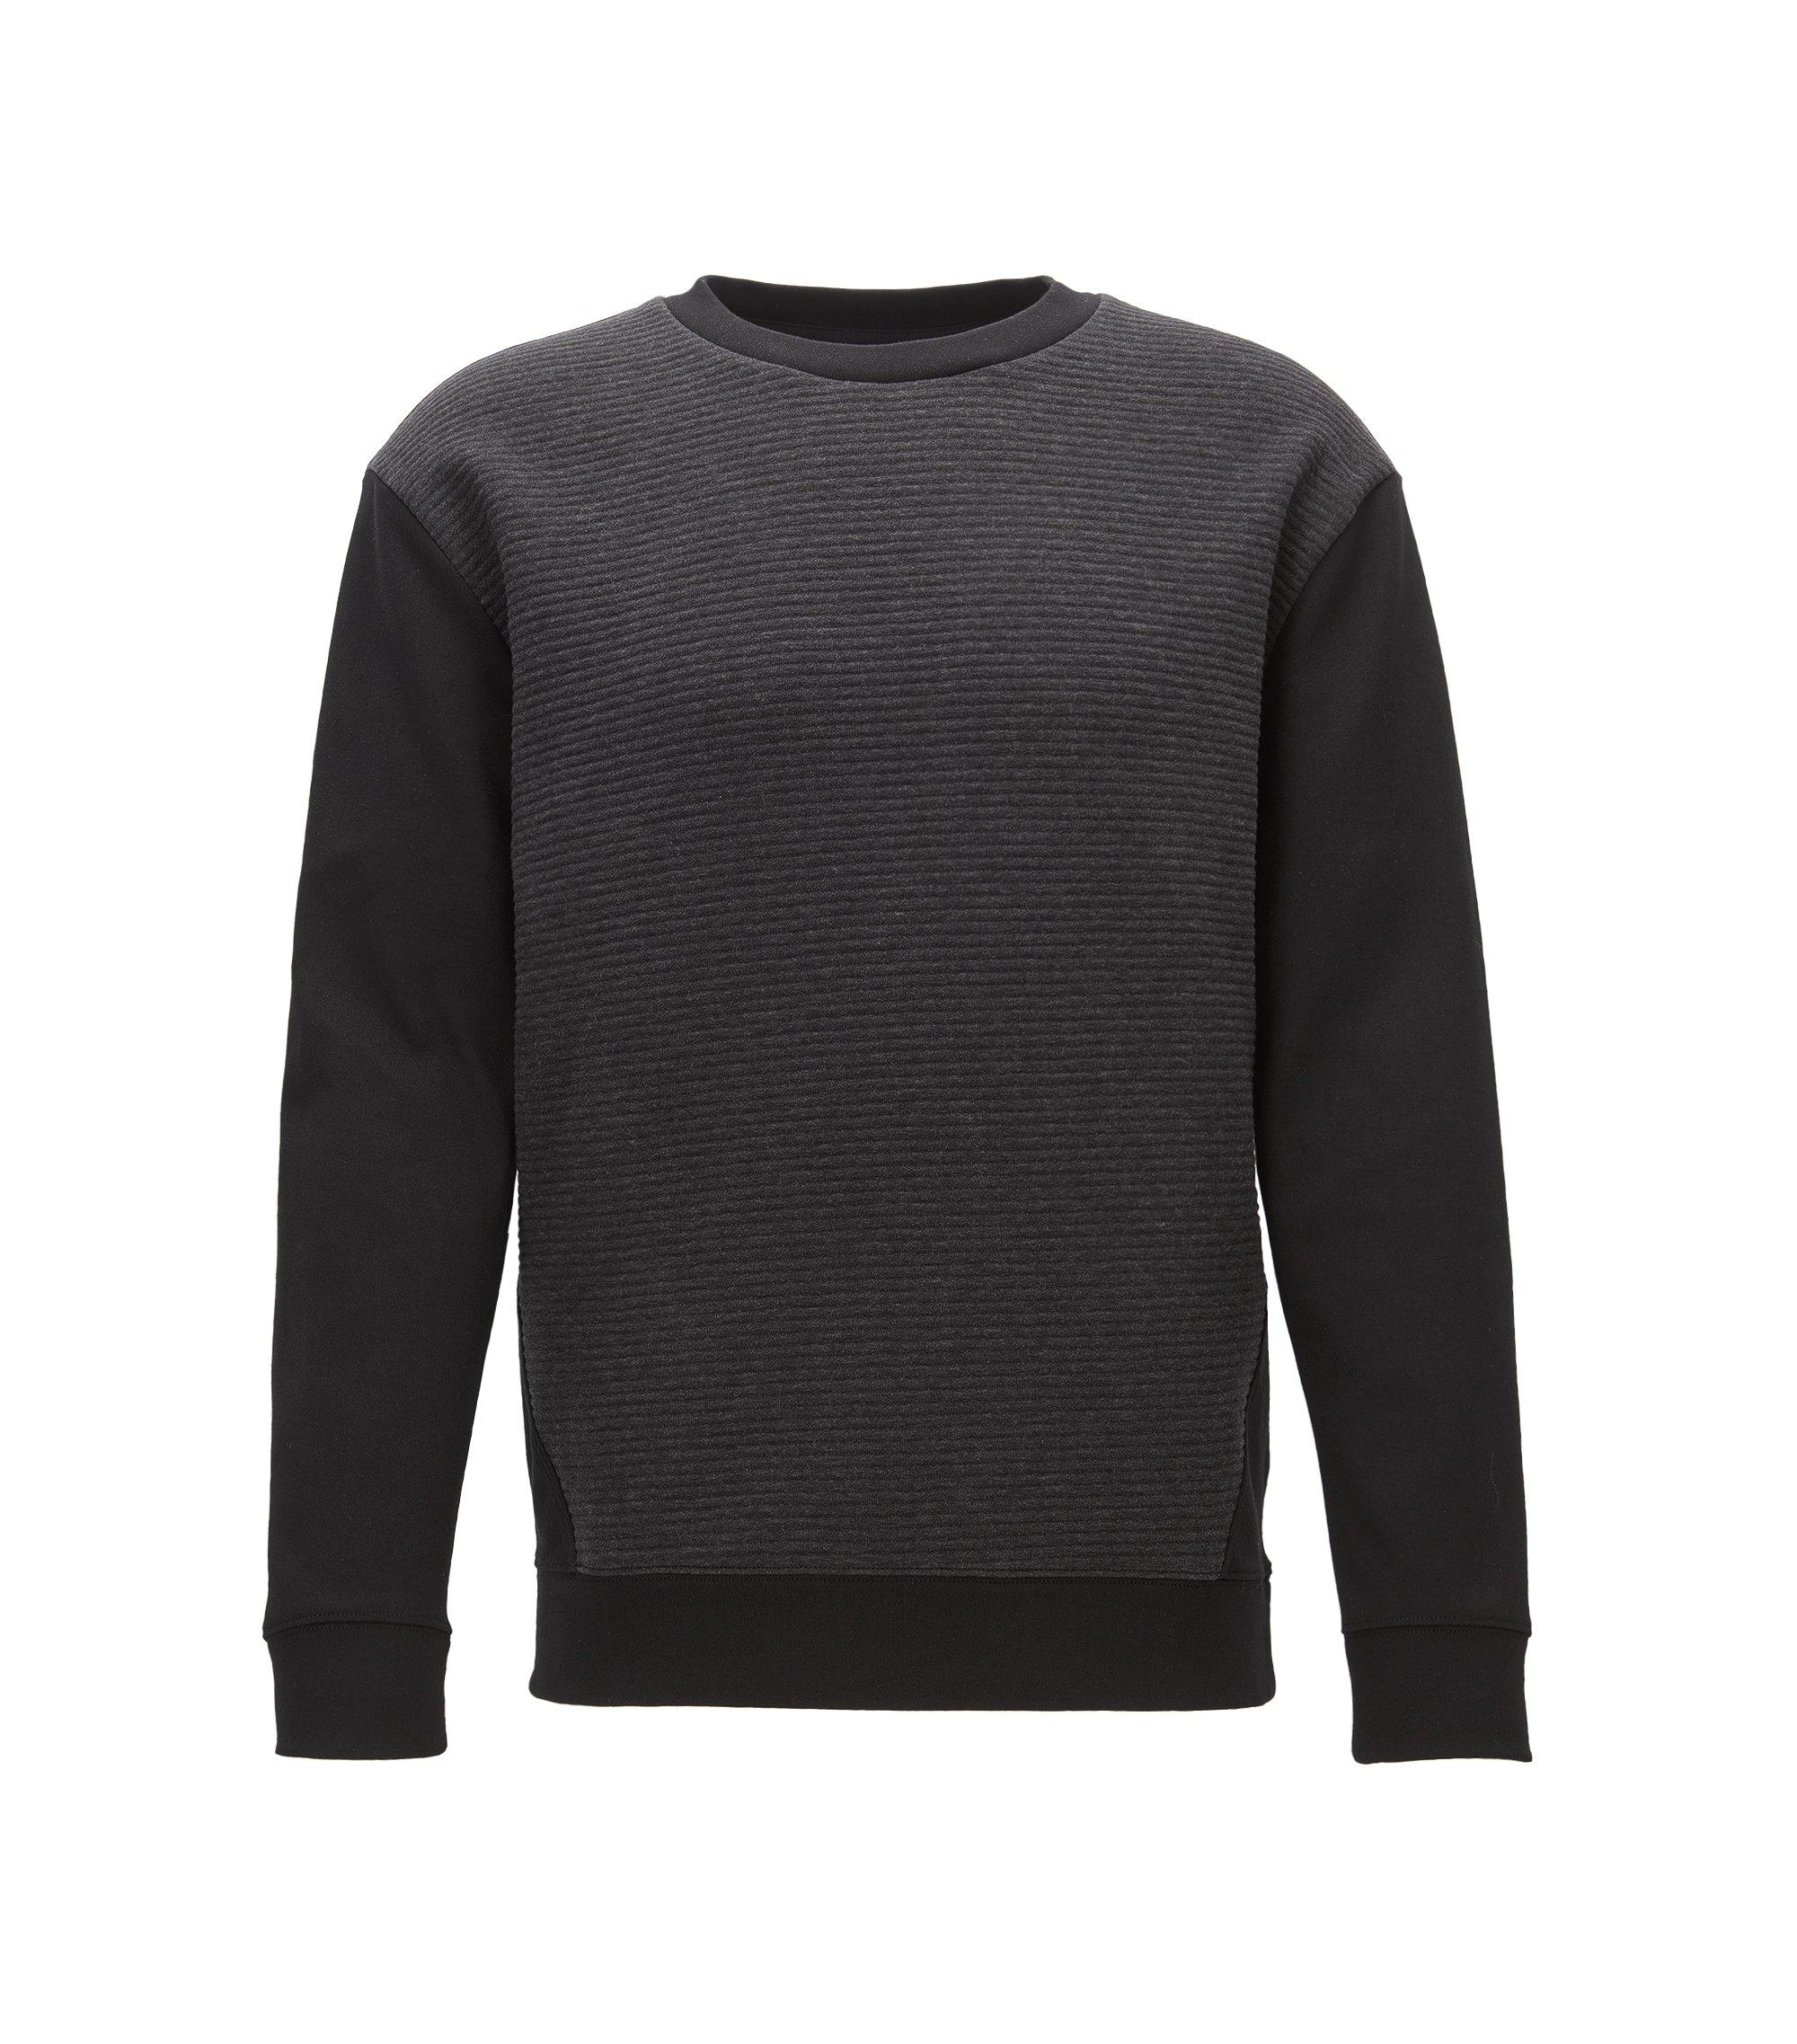 Sweater met gestikt voorpand in jacquard, Zwart